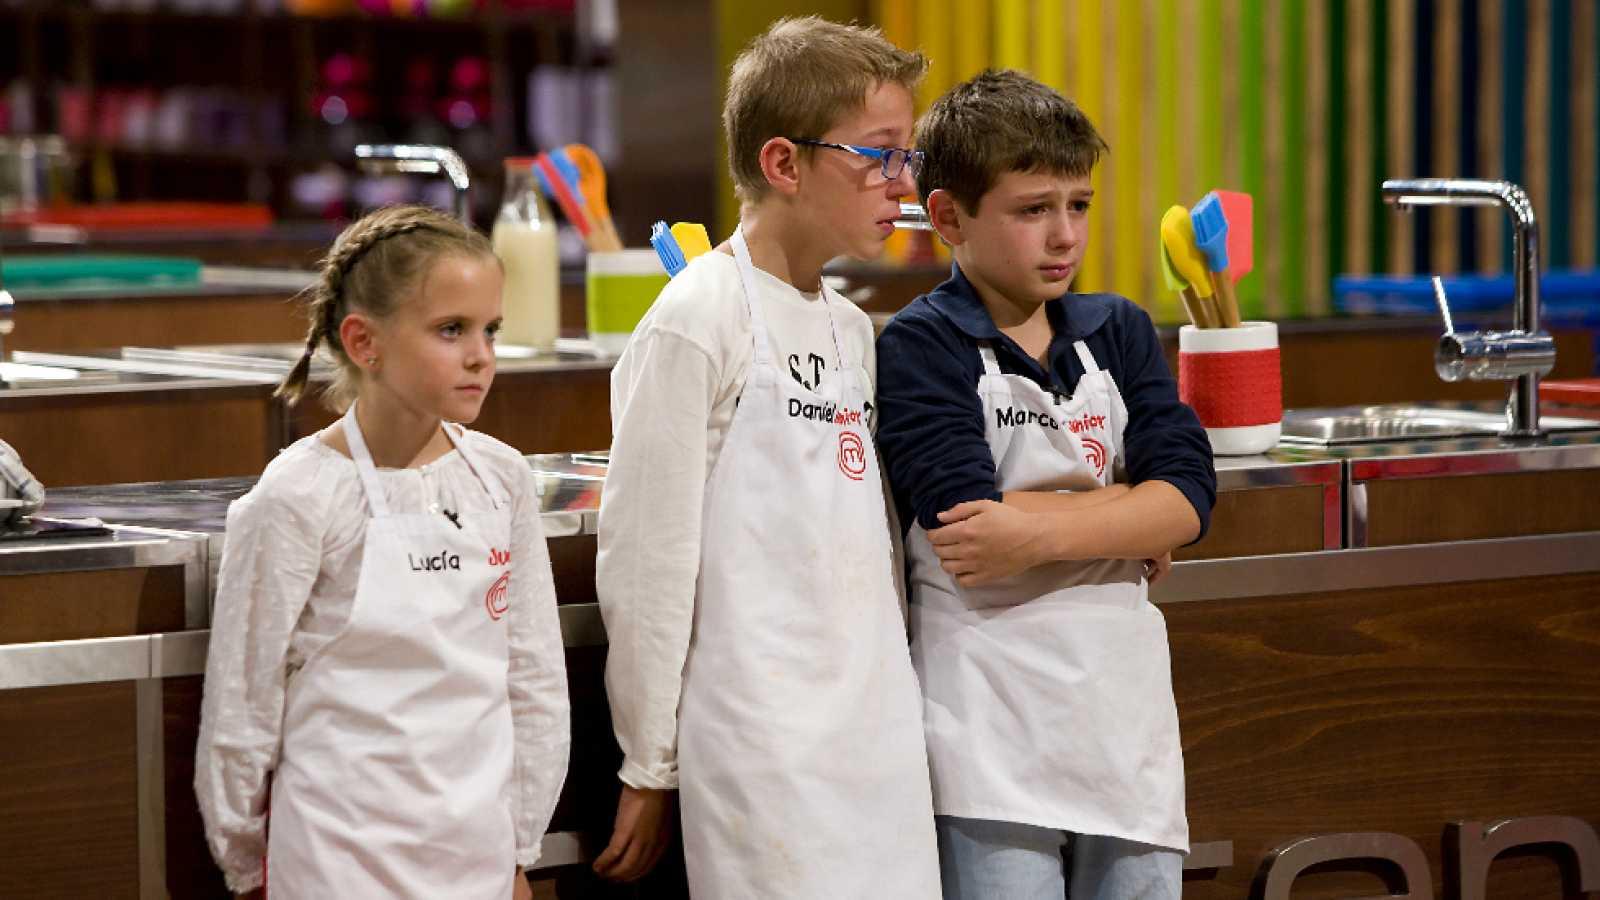 MasterChef Junior 2 - Daniel, Lucía y Marco, los primeros eliminados